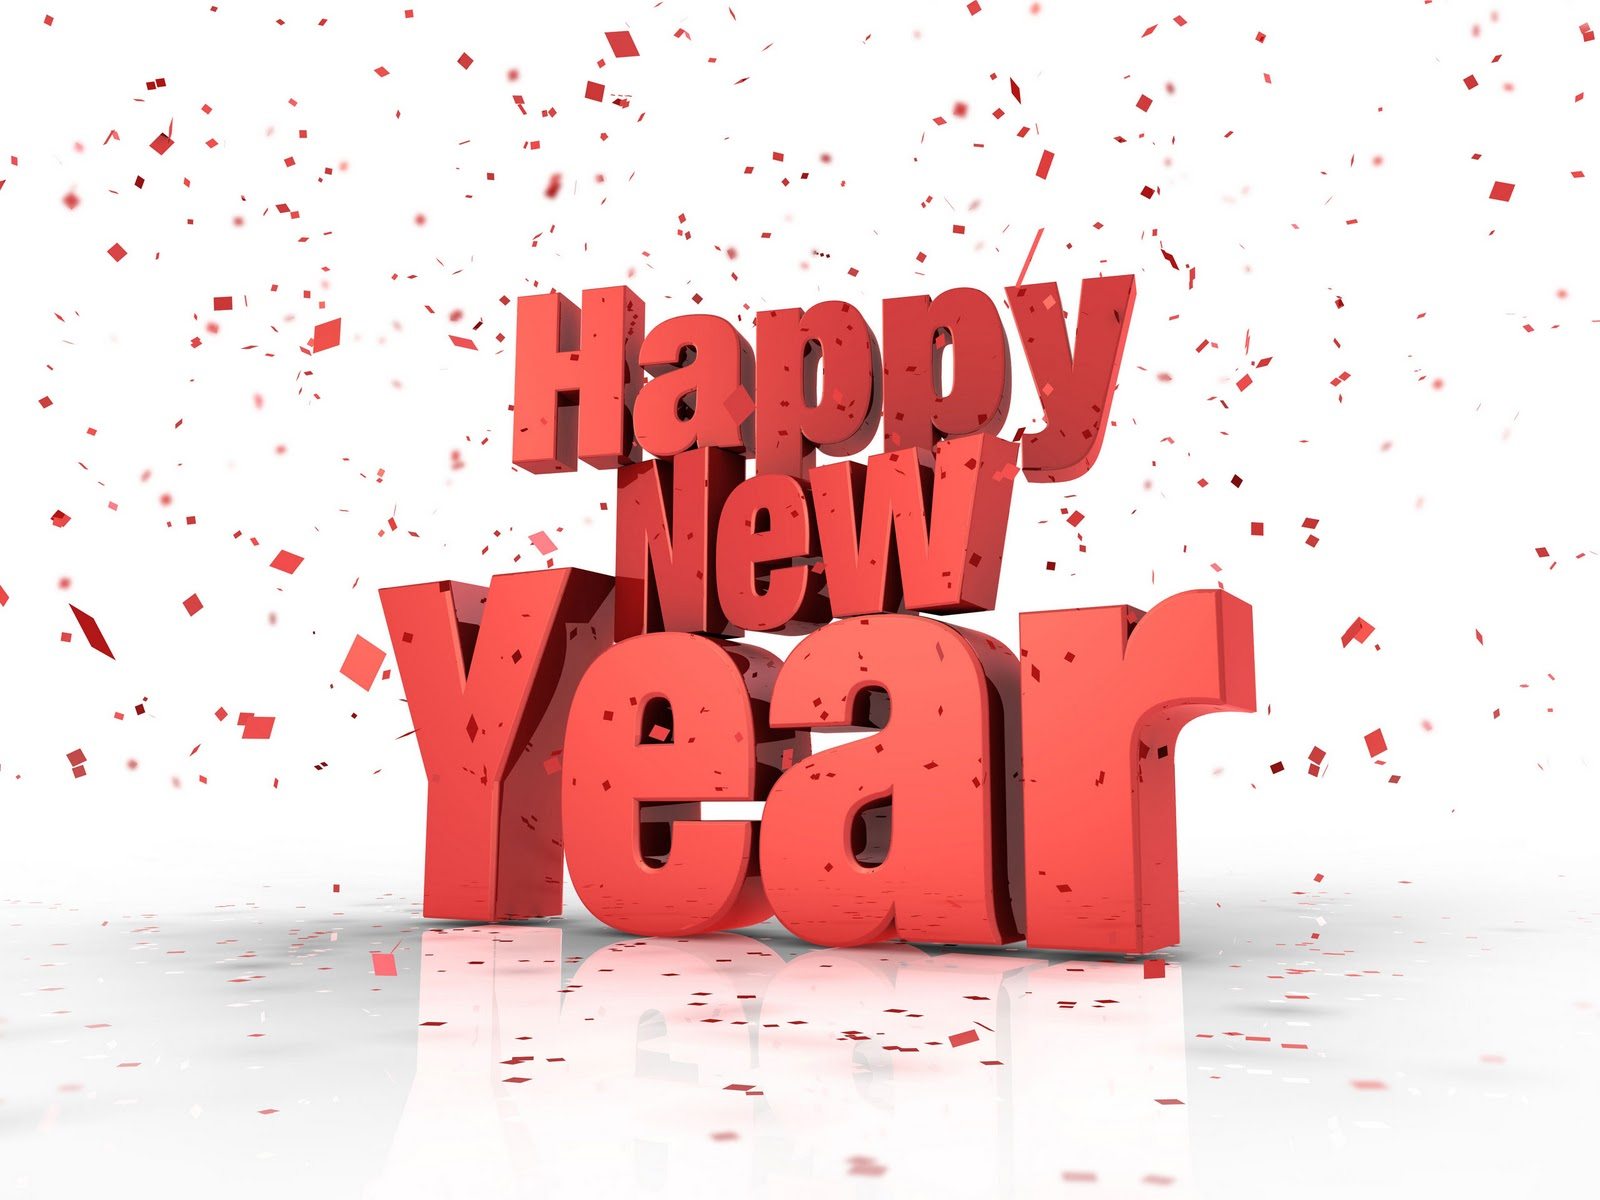 http://3.bp.blogspot.com/-feW1Qcx5P9c/Tse2UFLbwSI/AAAAAAAATLE/tOQnZVprZlk/s1600/Mooie-happy-new-year-achtergronden-gelukkig-nieuwjaar-wallpapers-afbeelding-17.jpg